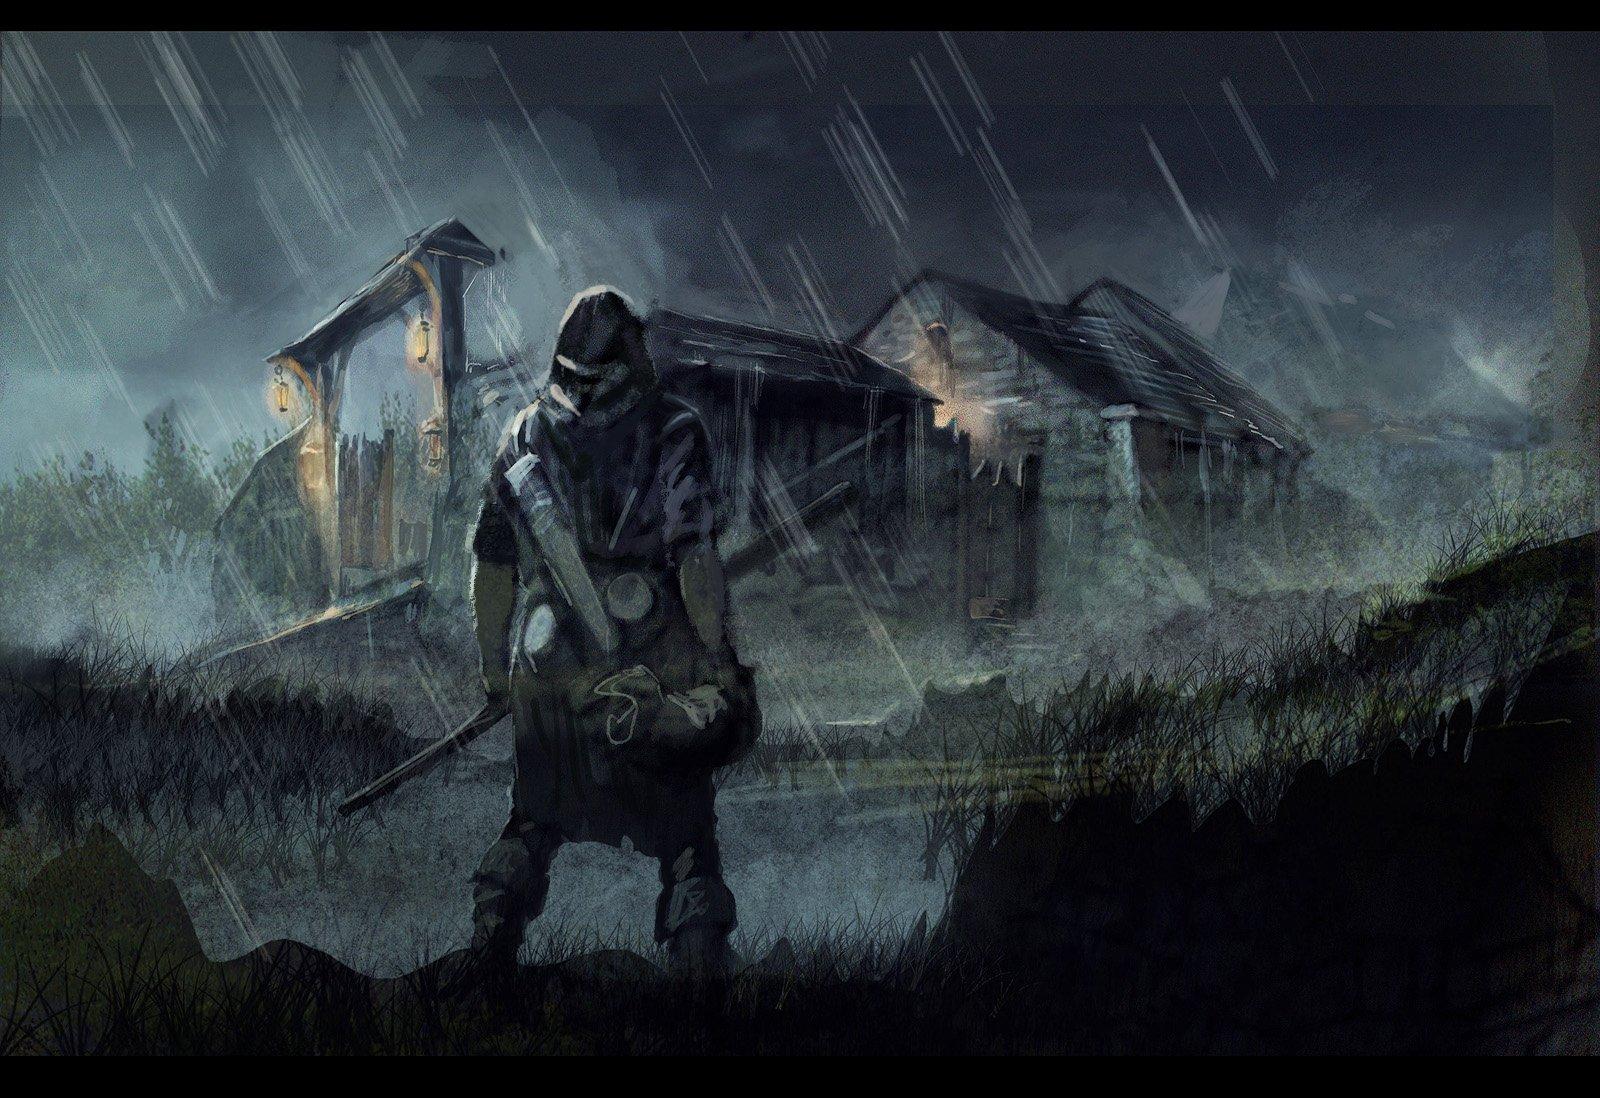 Как бы обзор Neverwinter Nights 2 (оригинальной кампании) - Вступление в обзор - Изображение 2